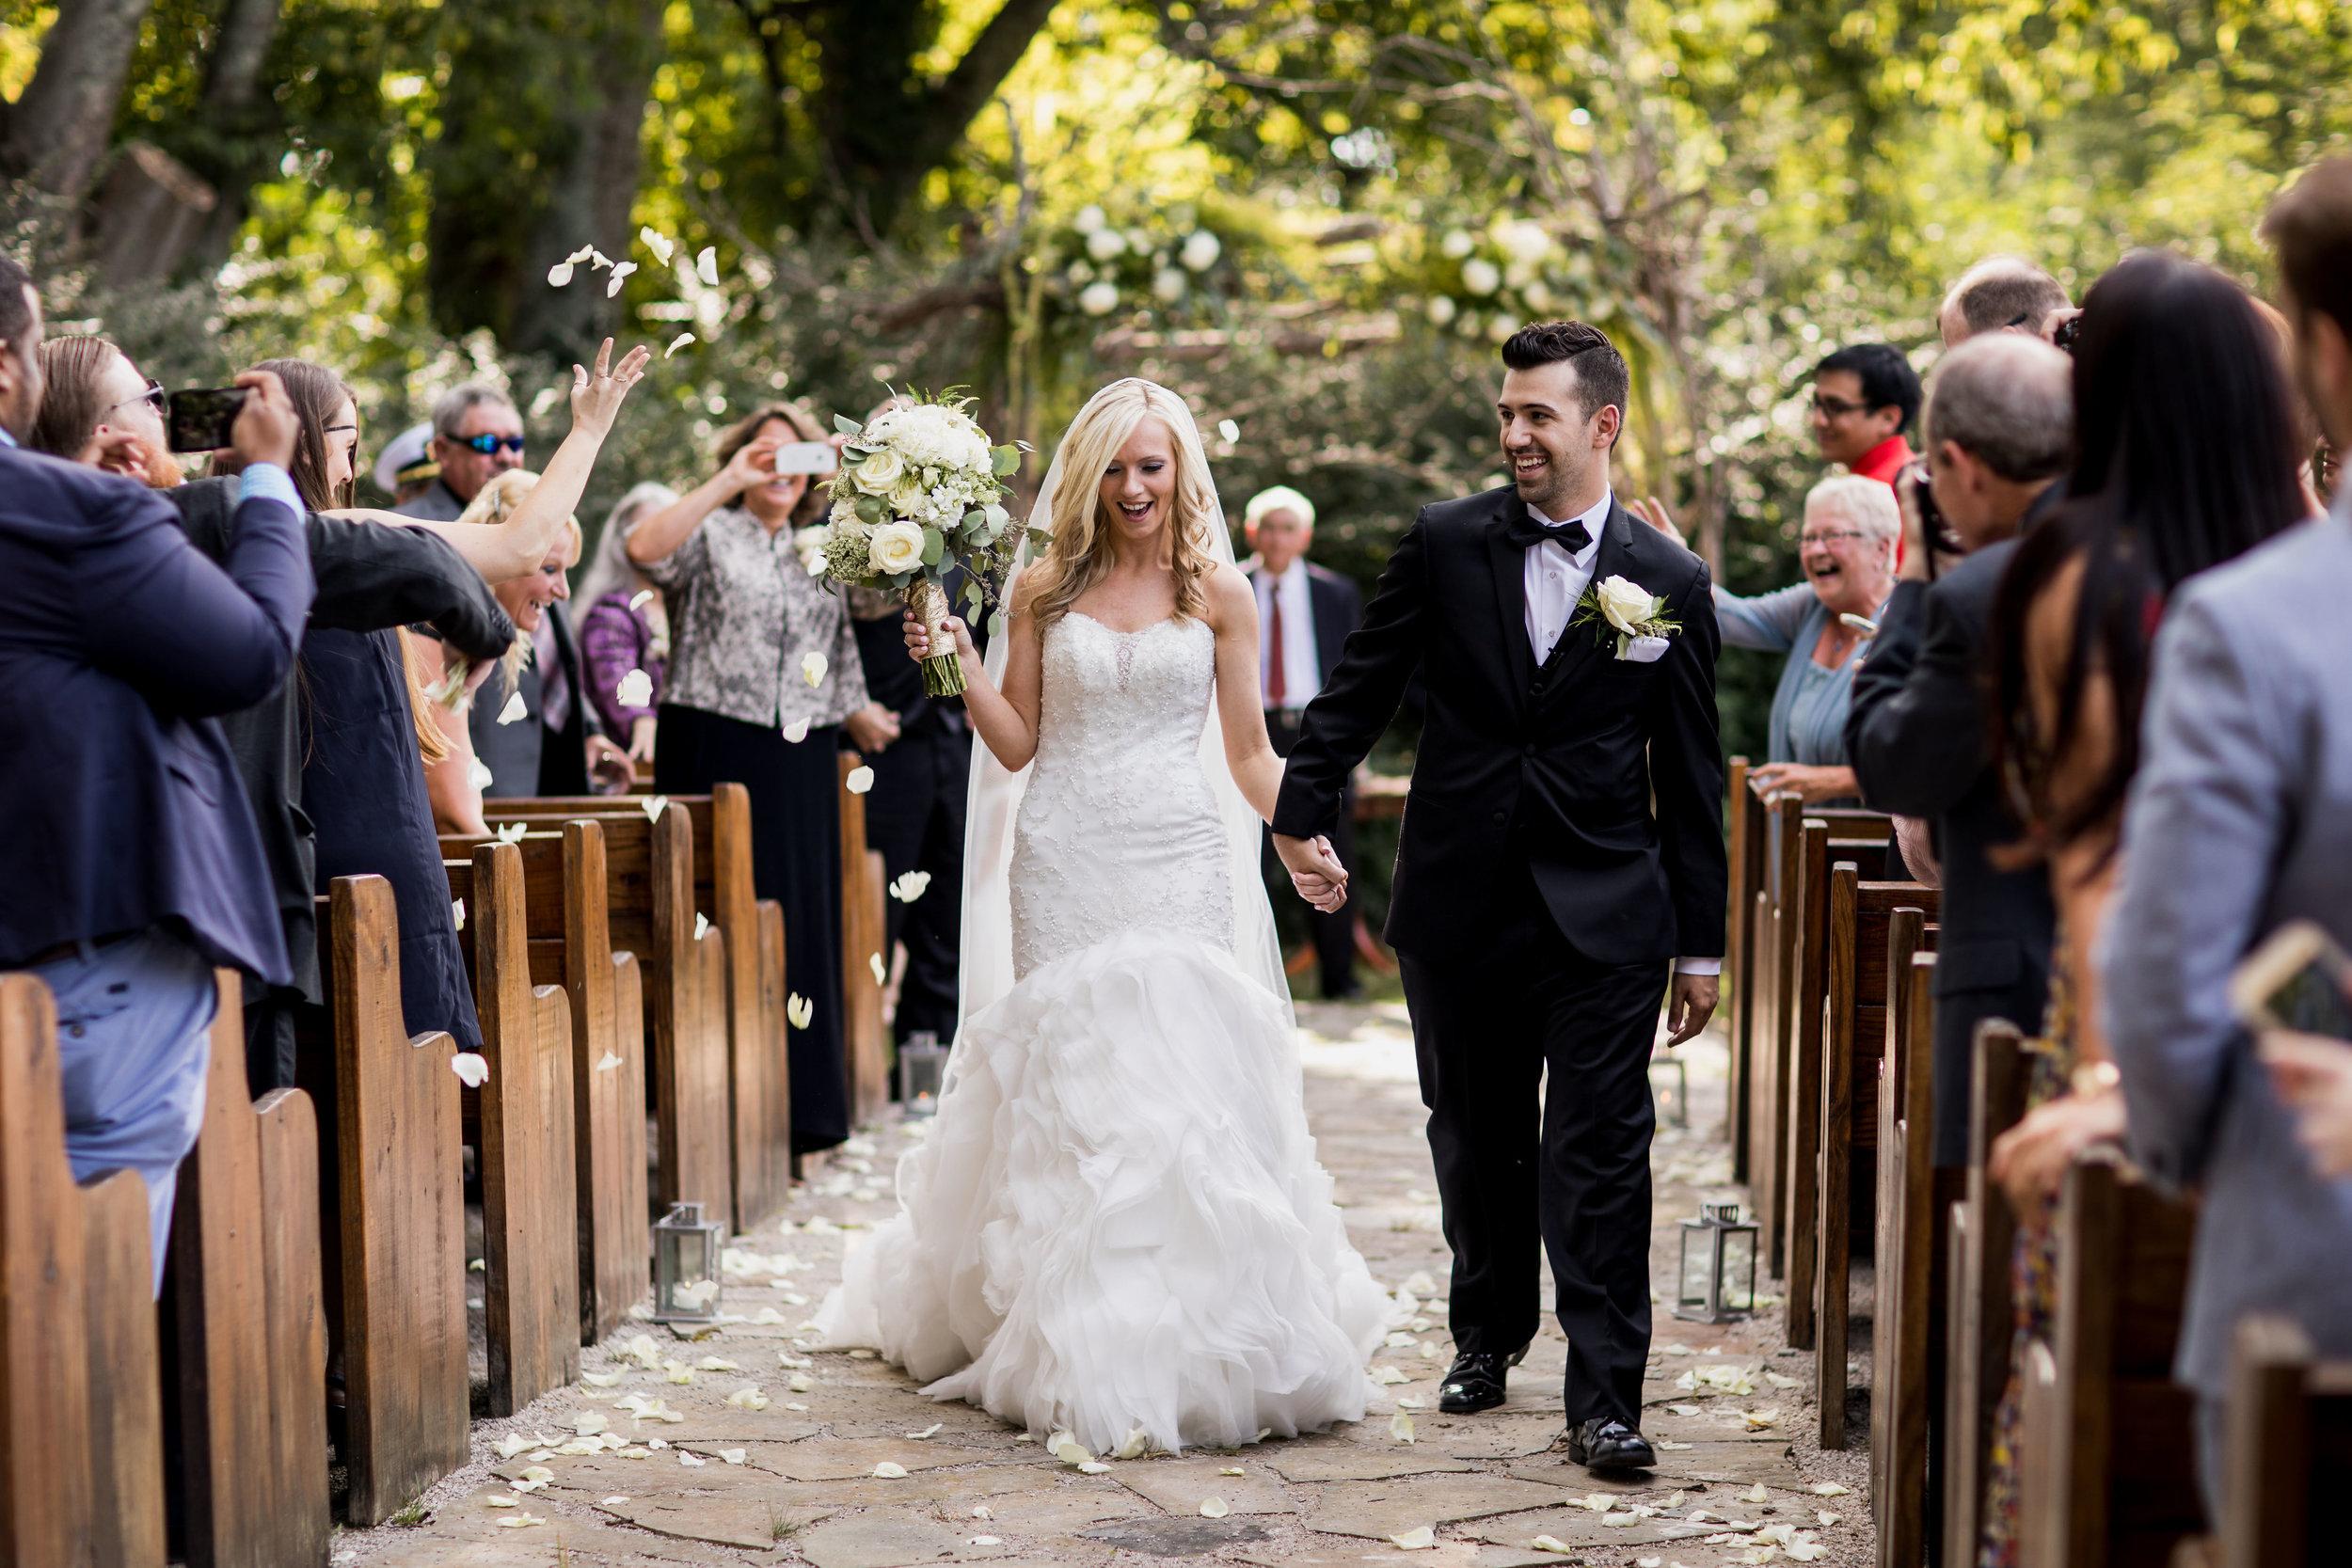 Meadow-Hill-Farm-Wedding 22.jpg